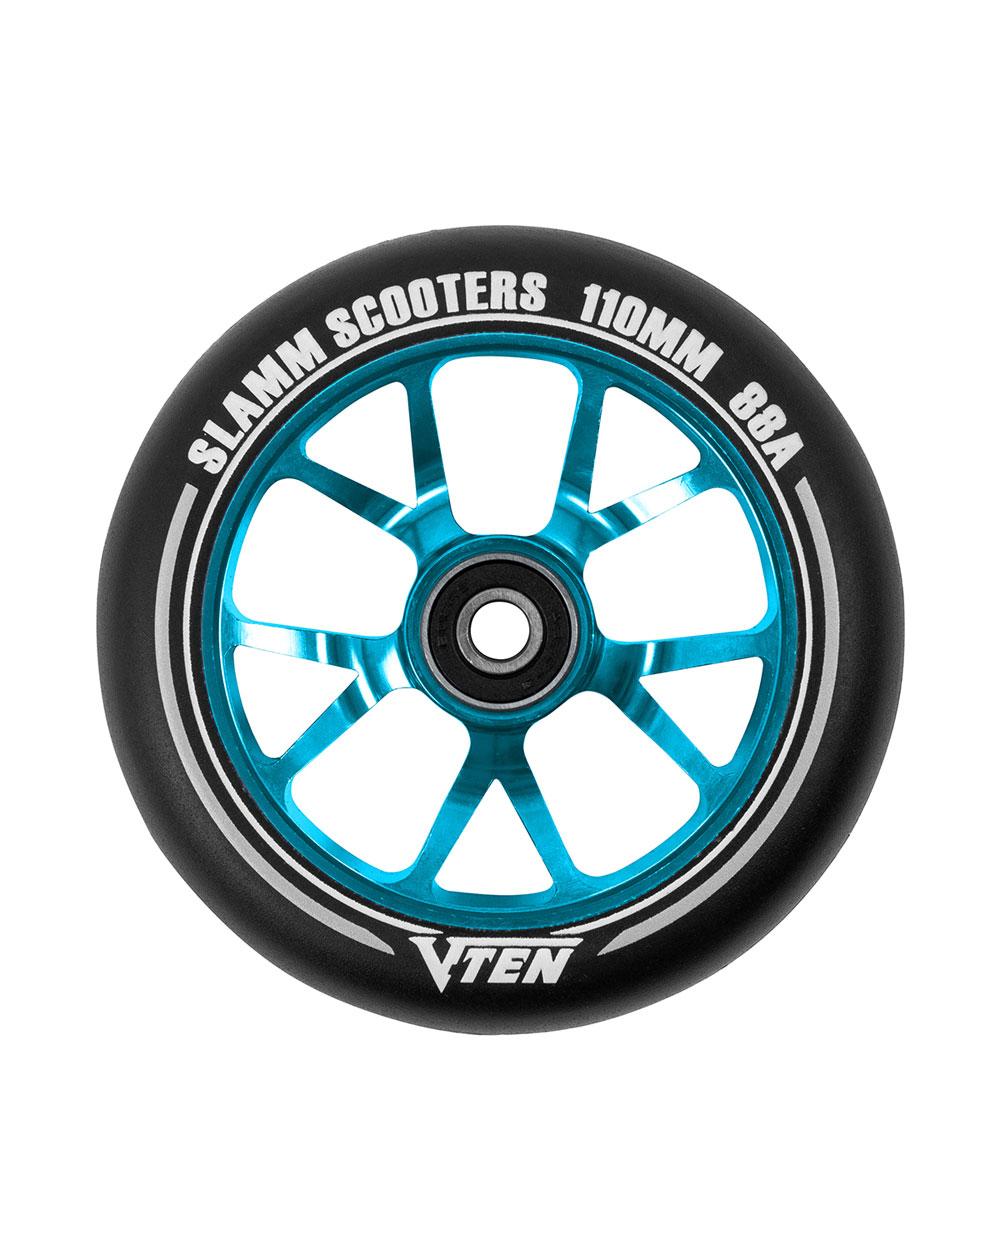 Slamm Scooters Roue Trottinette V-Ten II 110mm Blue